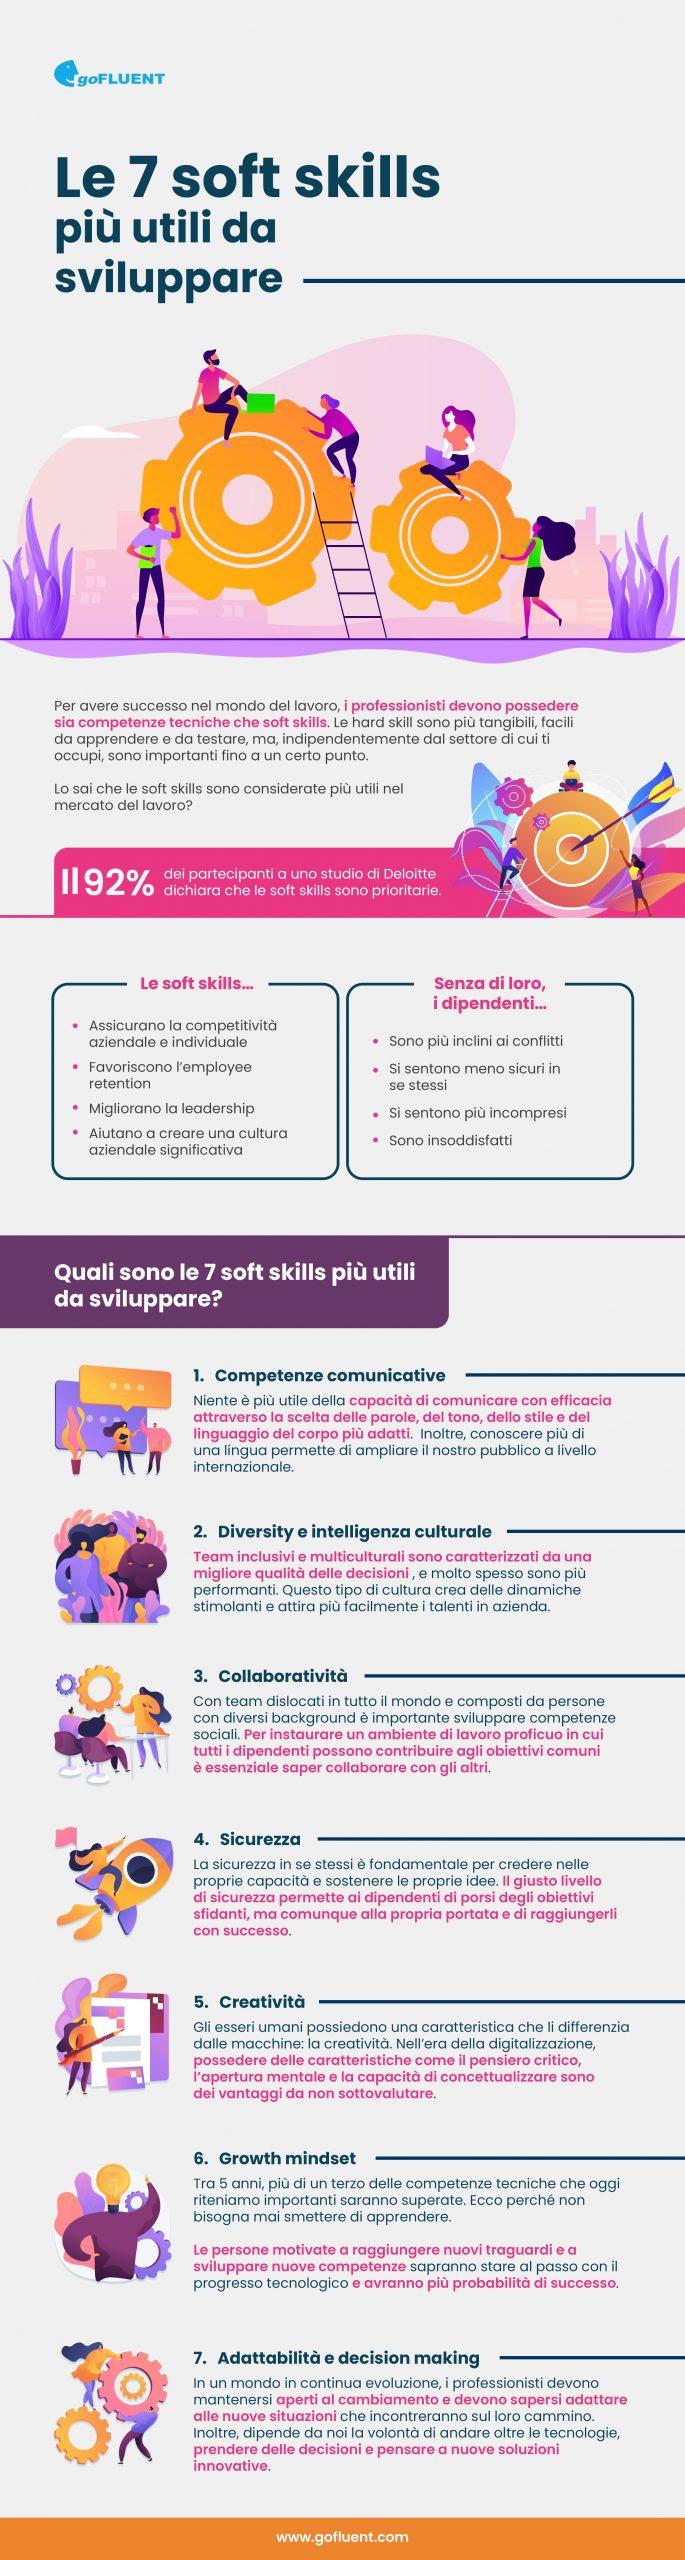 Infografica - le 7 soft skills più utili da sviluppare